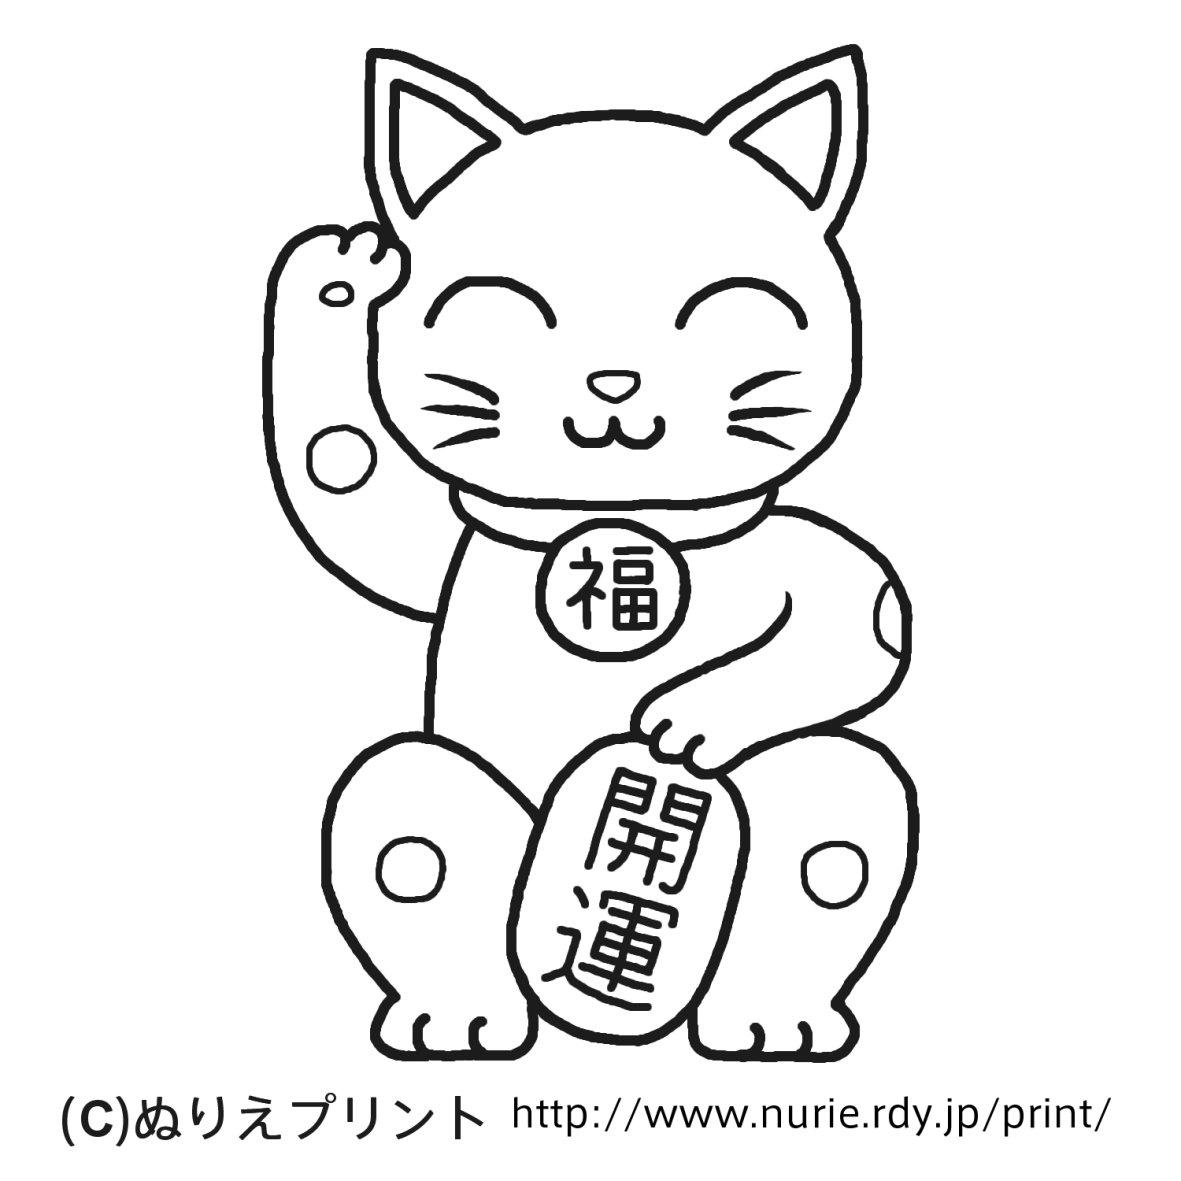 ぬりえ/無料/猫(ねこ)/動物/こど ... : ぬりえ くだもの : すべての講義